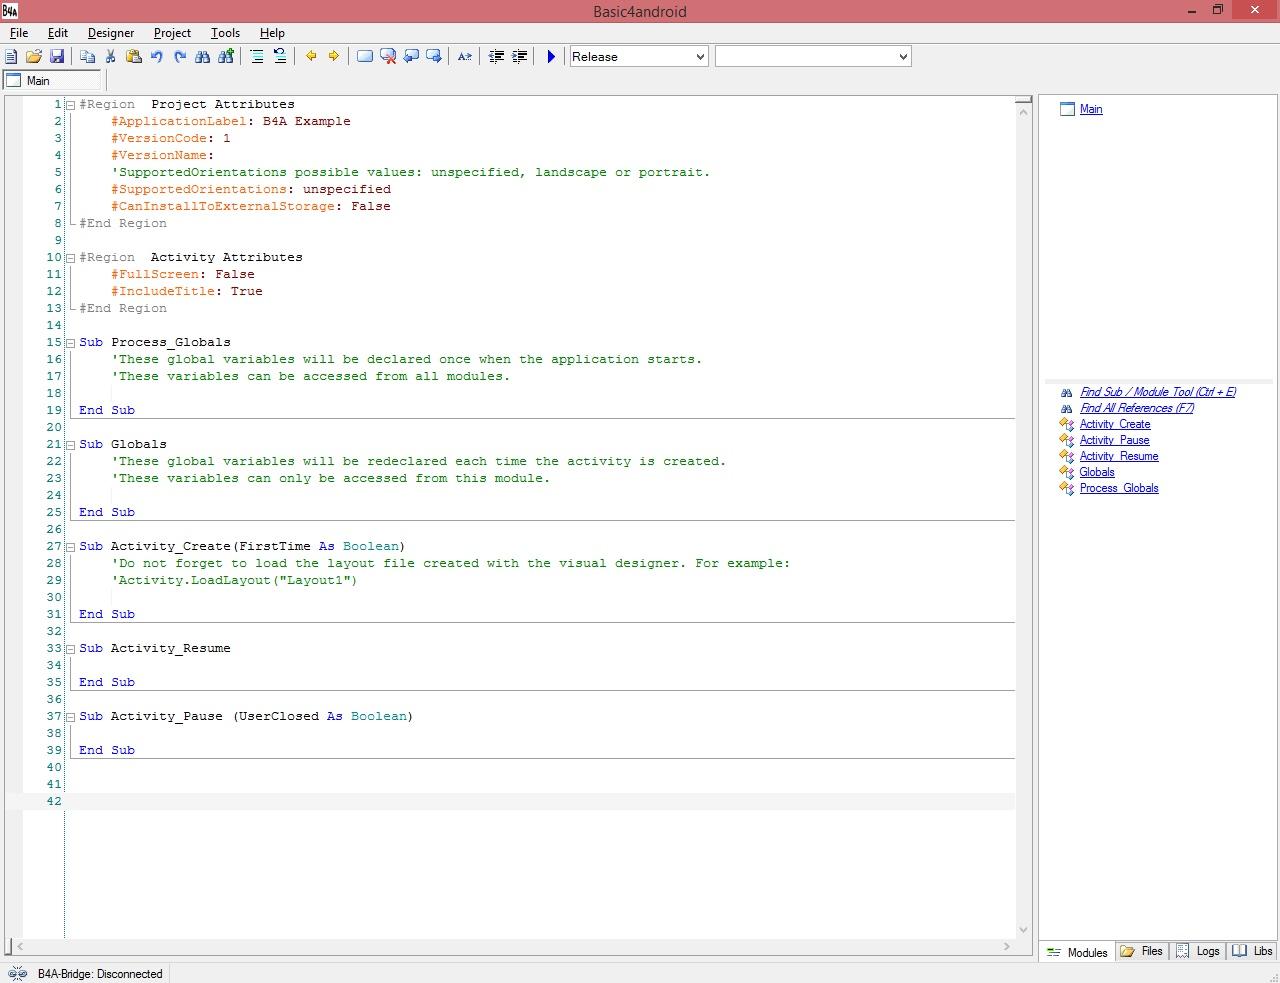 اموزش برنامه نویسی اندروید قسمت یک : درباره ی نرم افزار بیسیک4آندروید و آشنایی ساده با آن, Moltafet_b4a